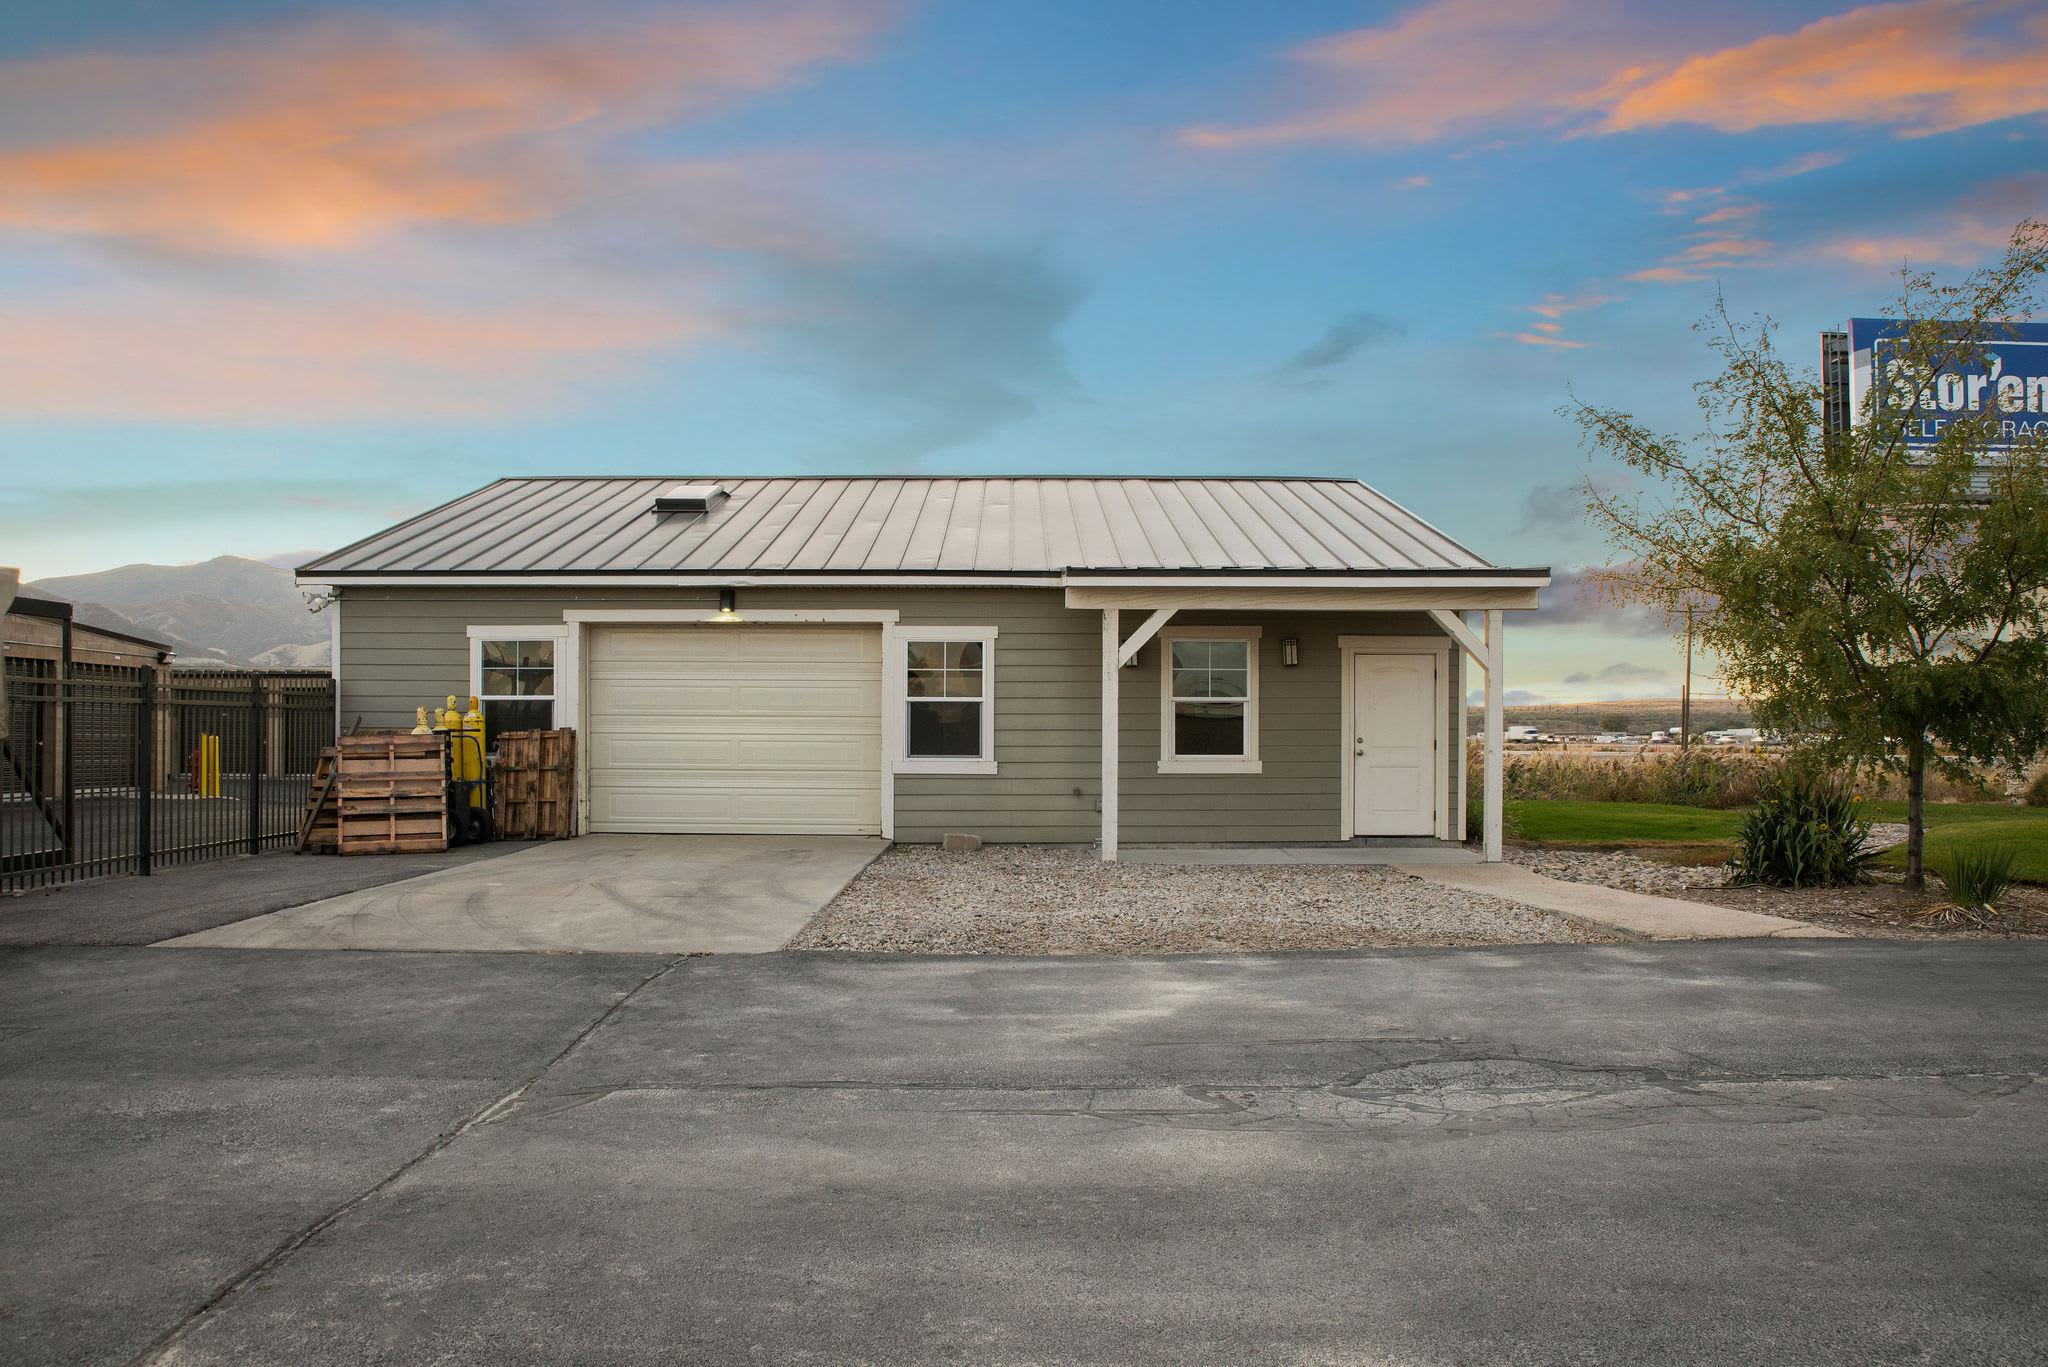 Site building at Stor'em Self Storage in Magna, Utah